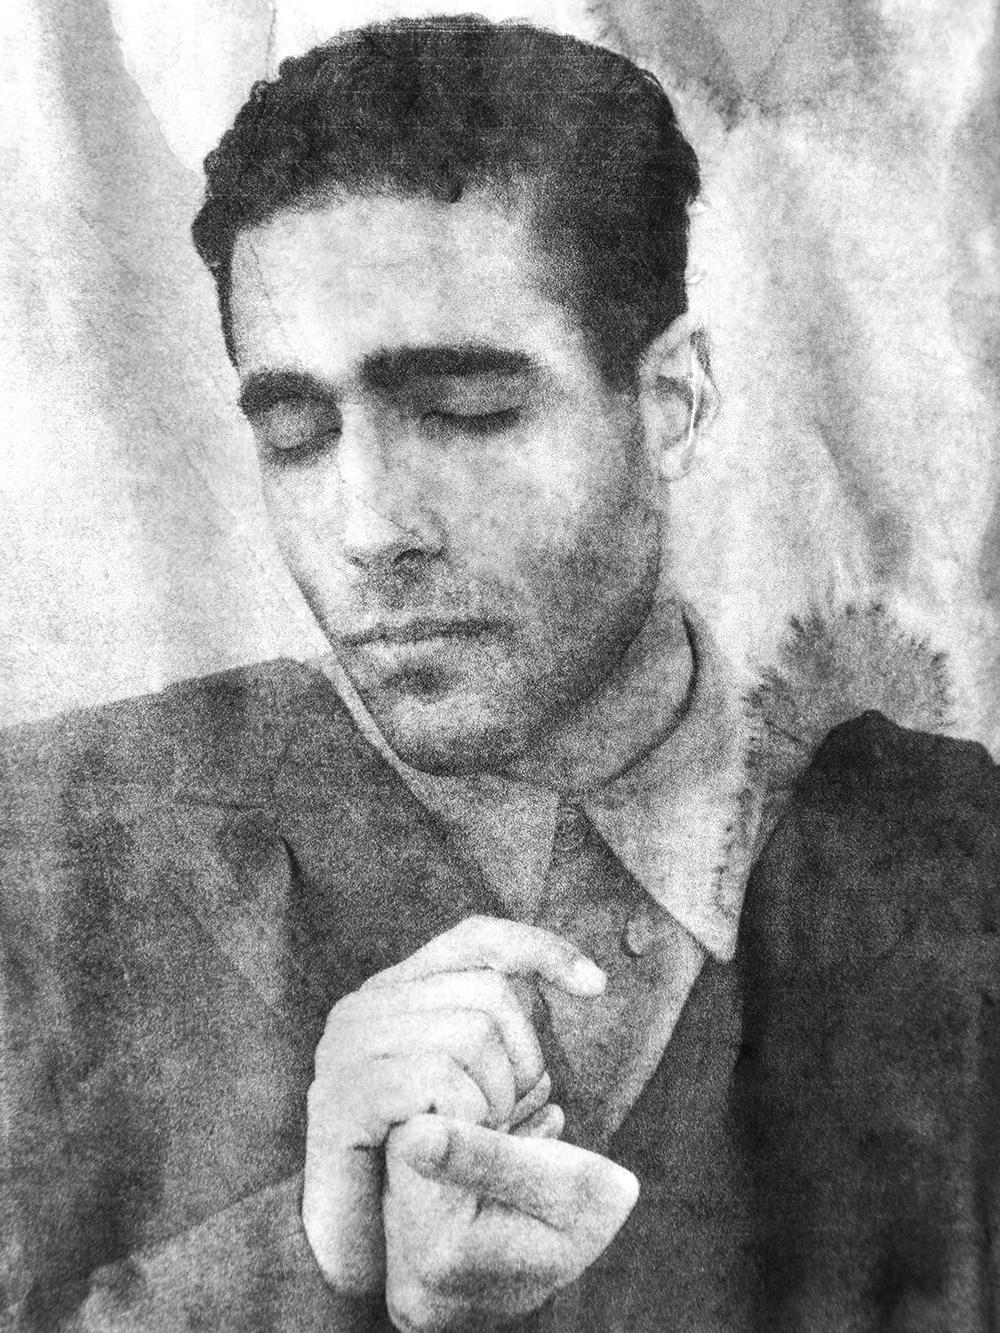 Aria Rostami